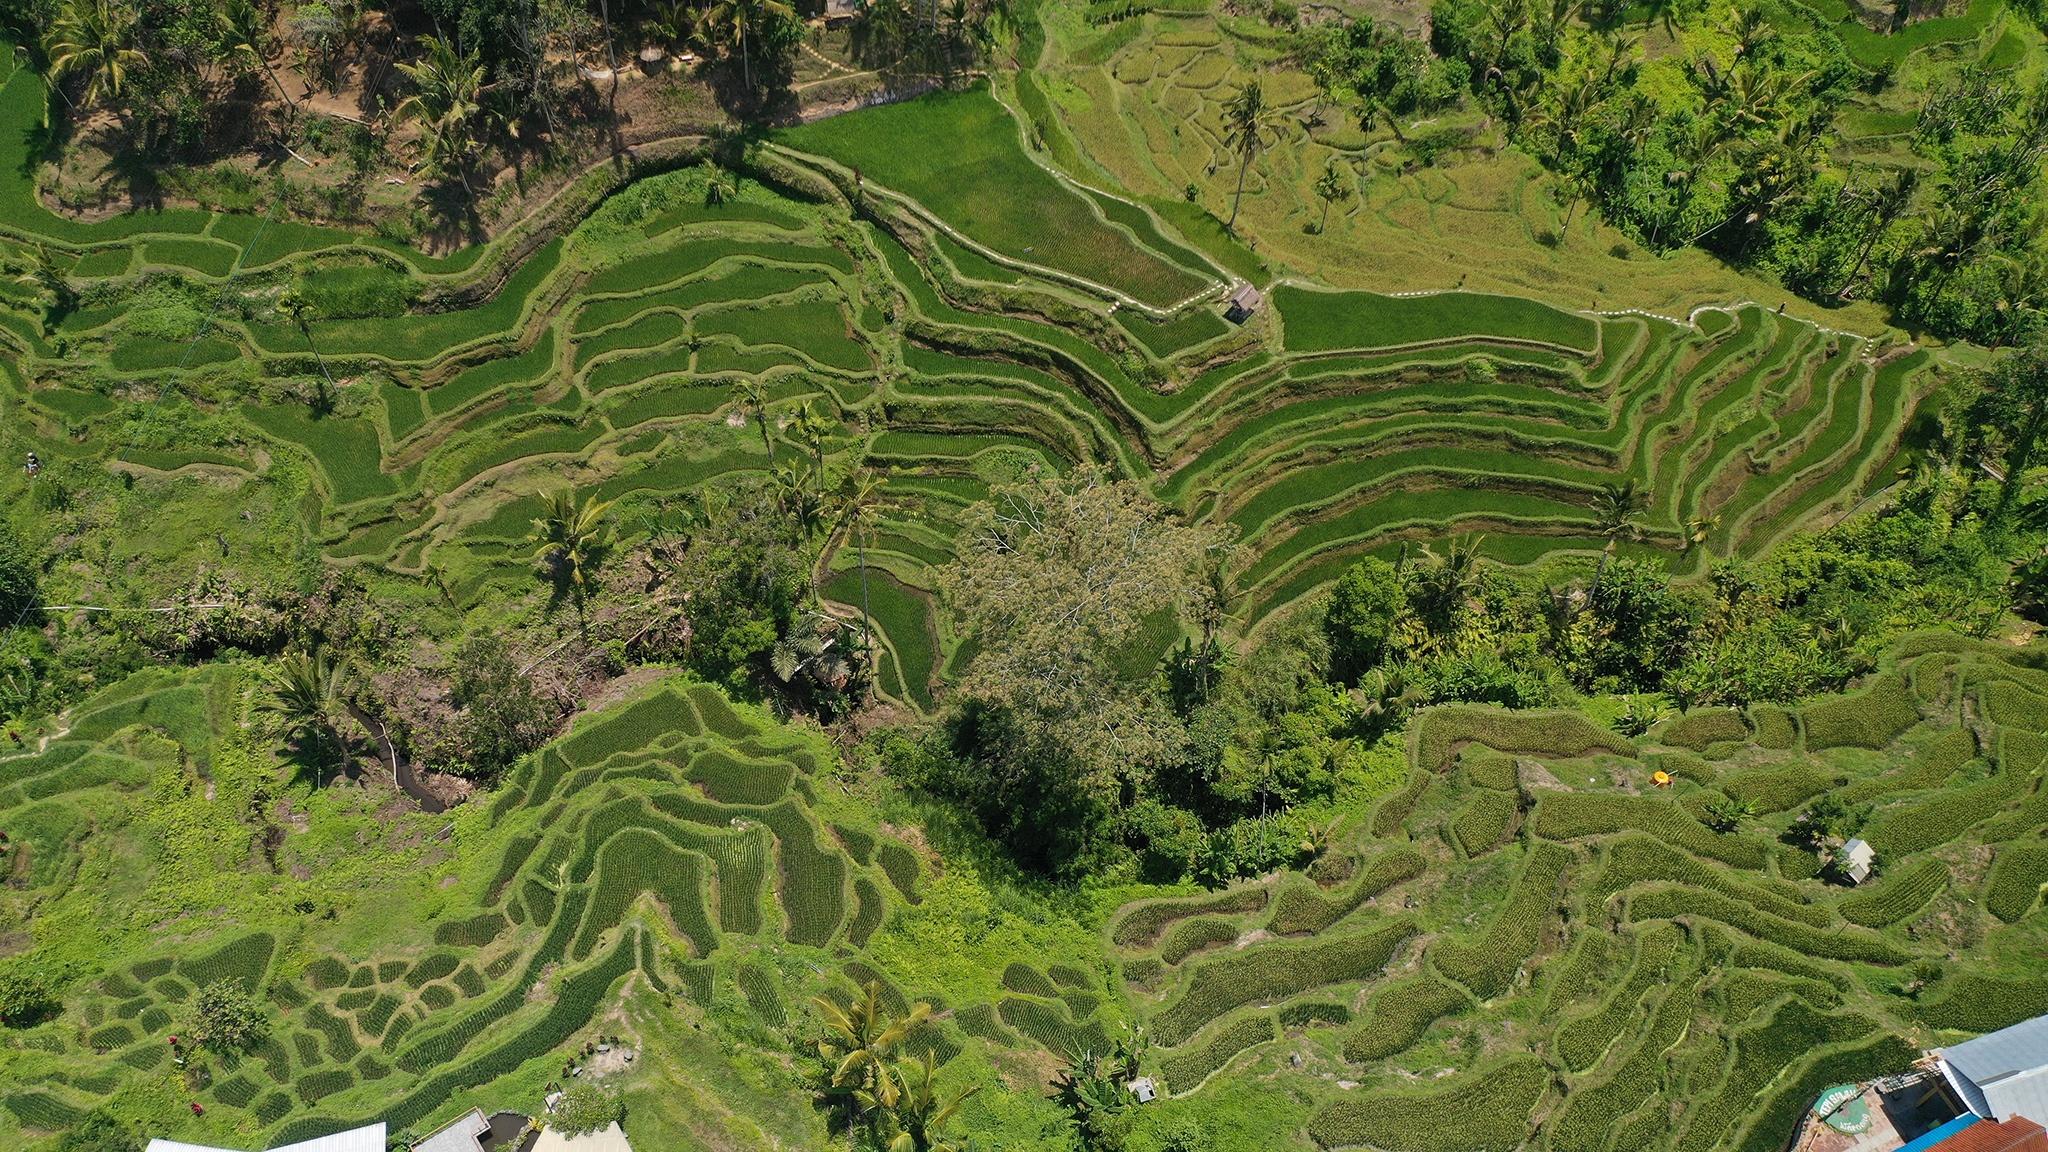 Nhung ngay duoi bat mat troi lan o Bali hinh anh 24